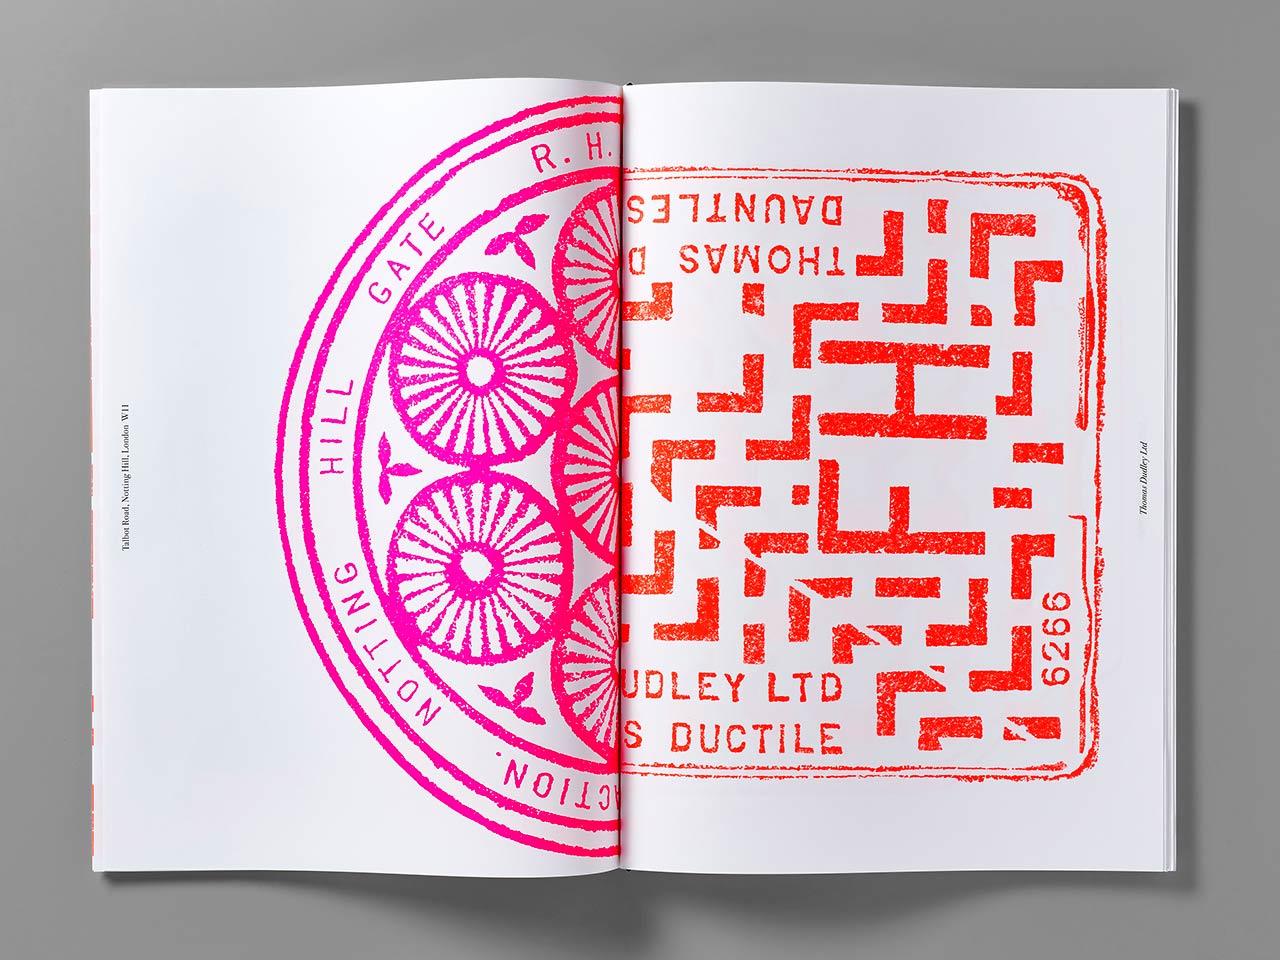 Pentagram_Overlooked-PP-book_04